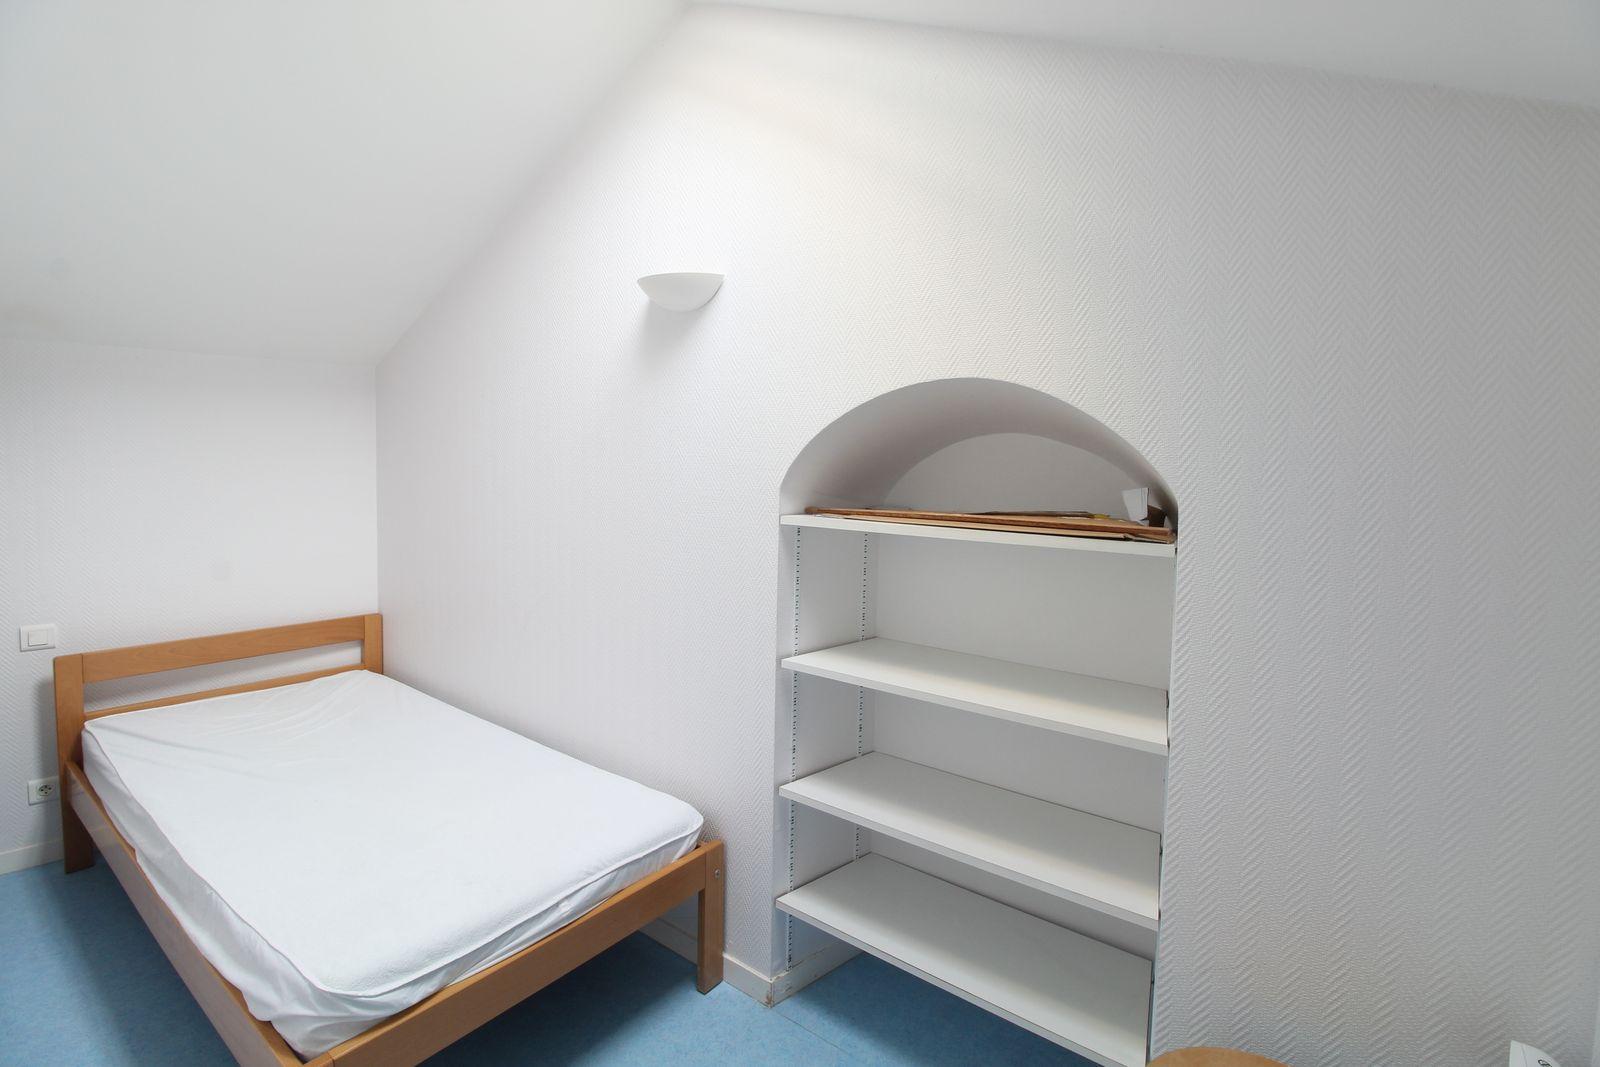 Chambre n°2 : pièce en enfilade 1er étage